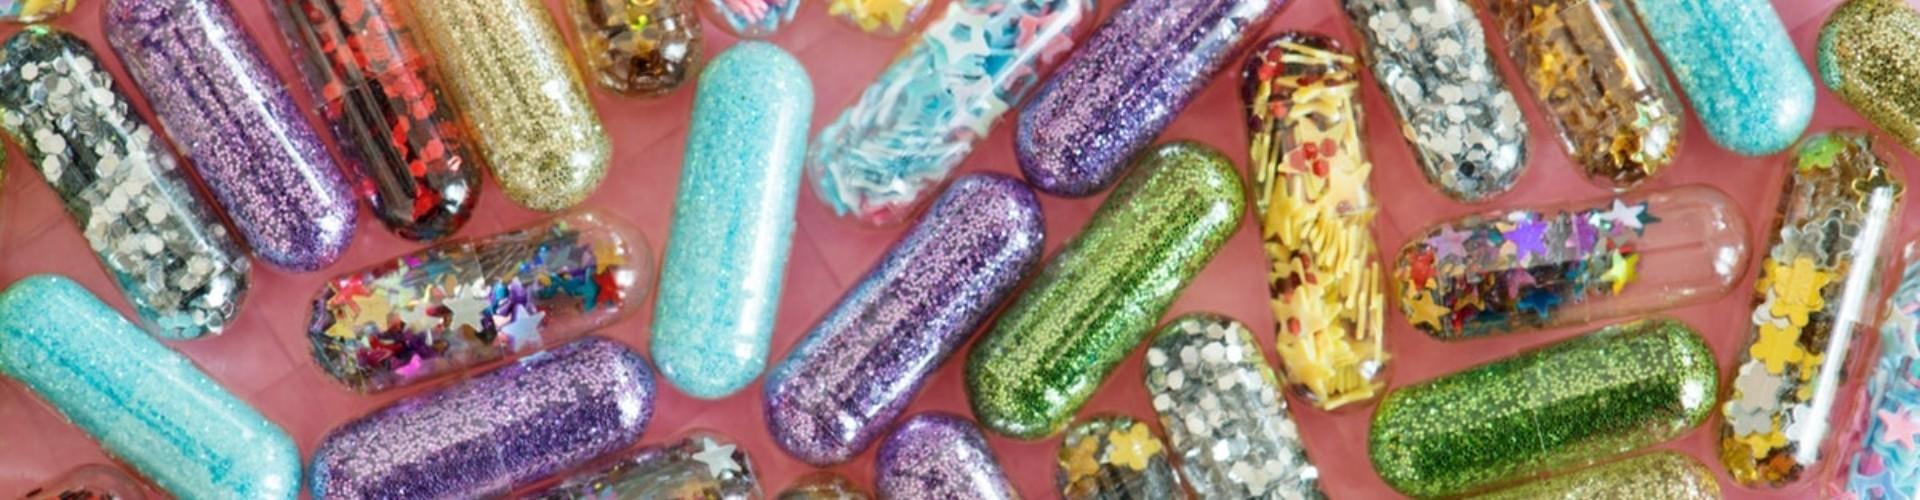 Czy mikrodawkowanie LSD doda ludziom skrzydeł w pracy?